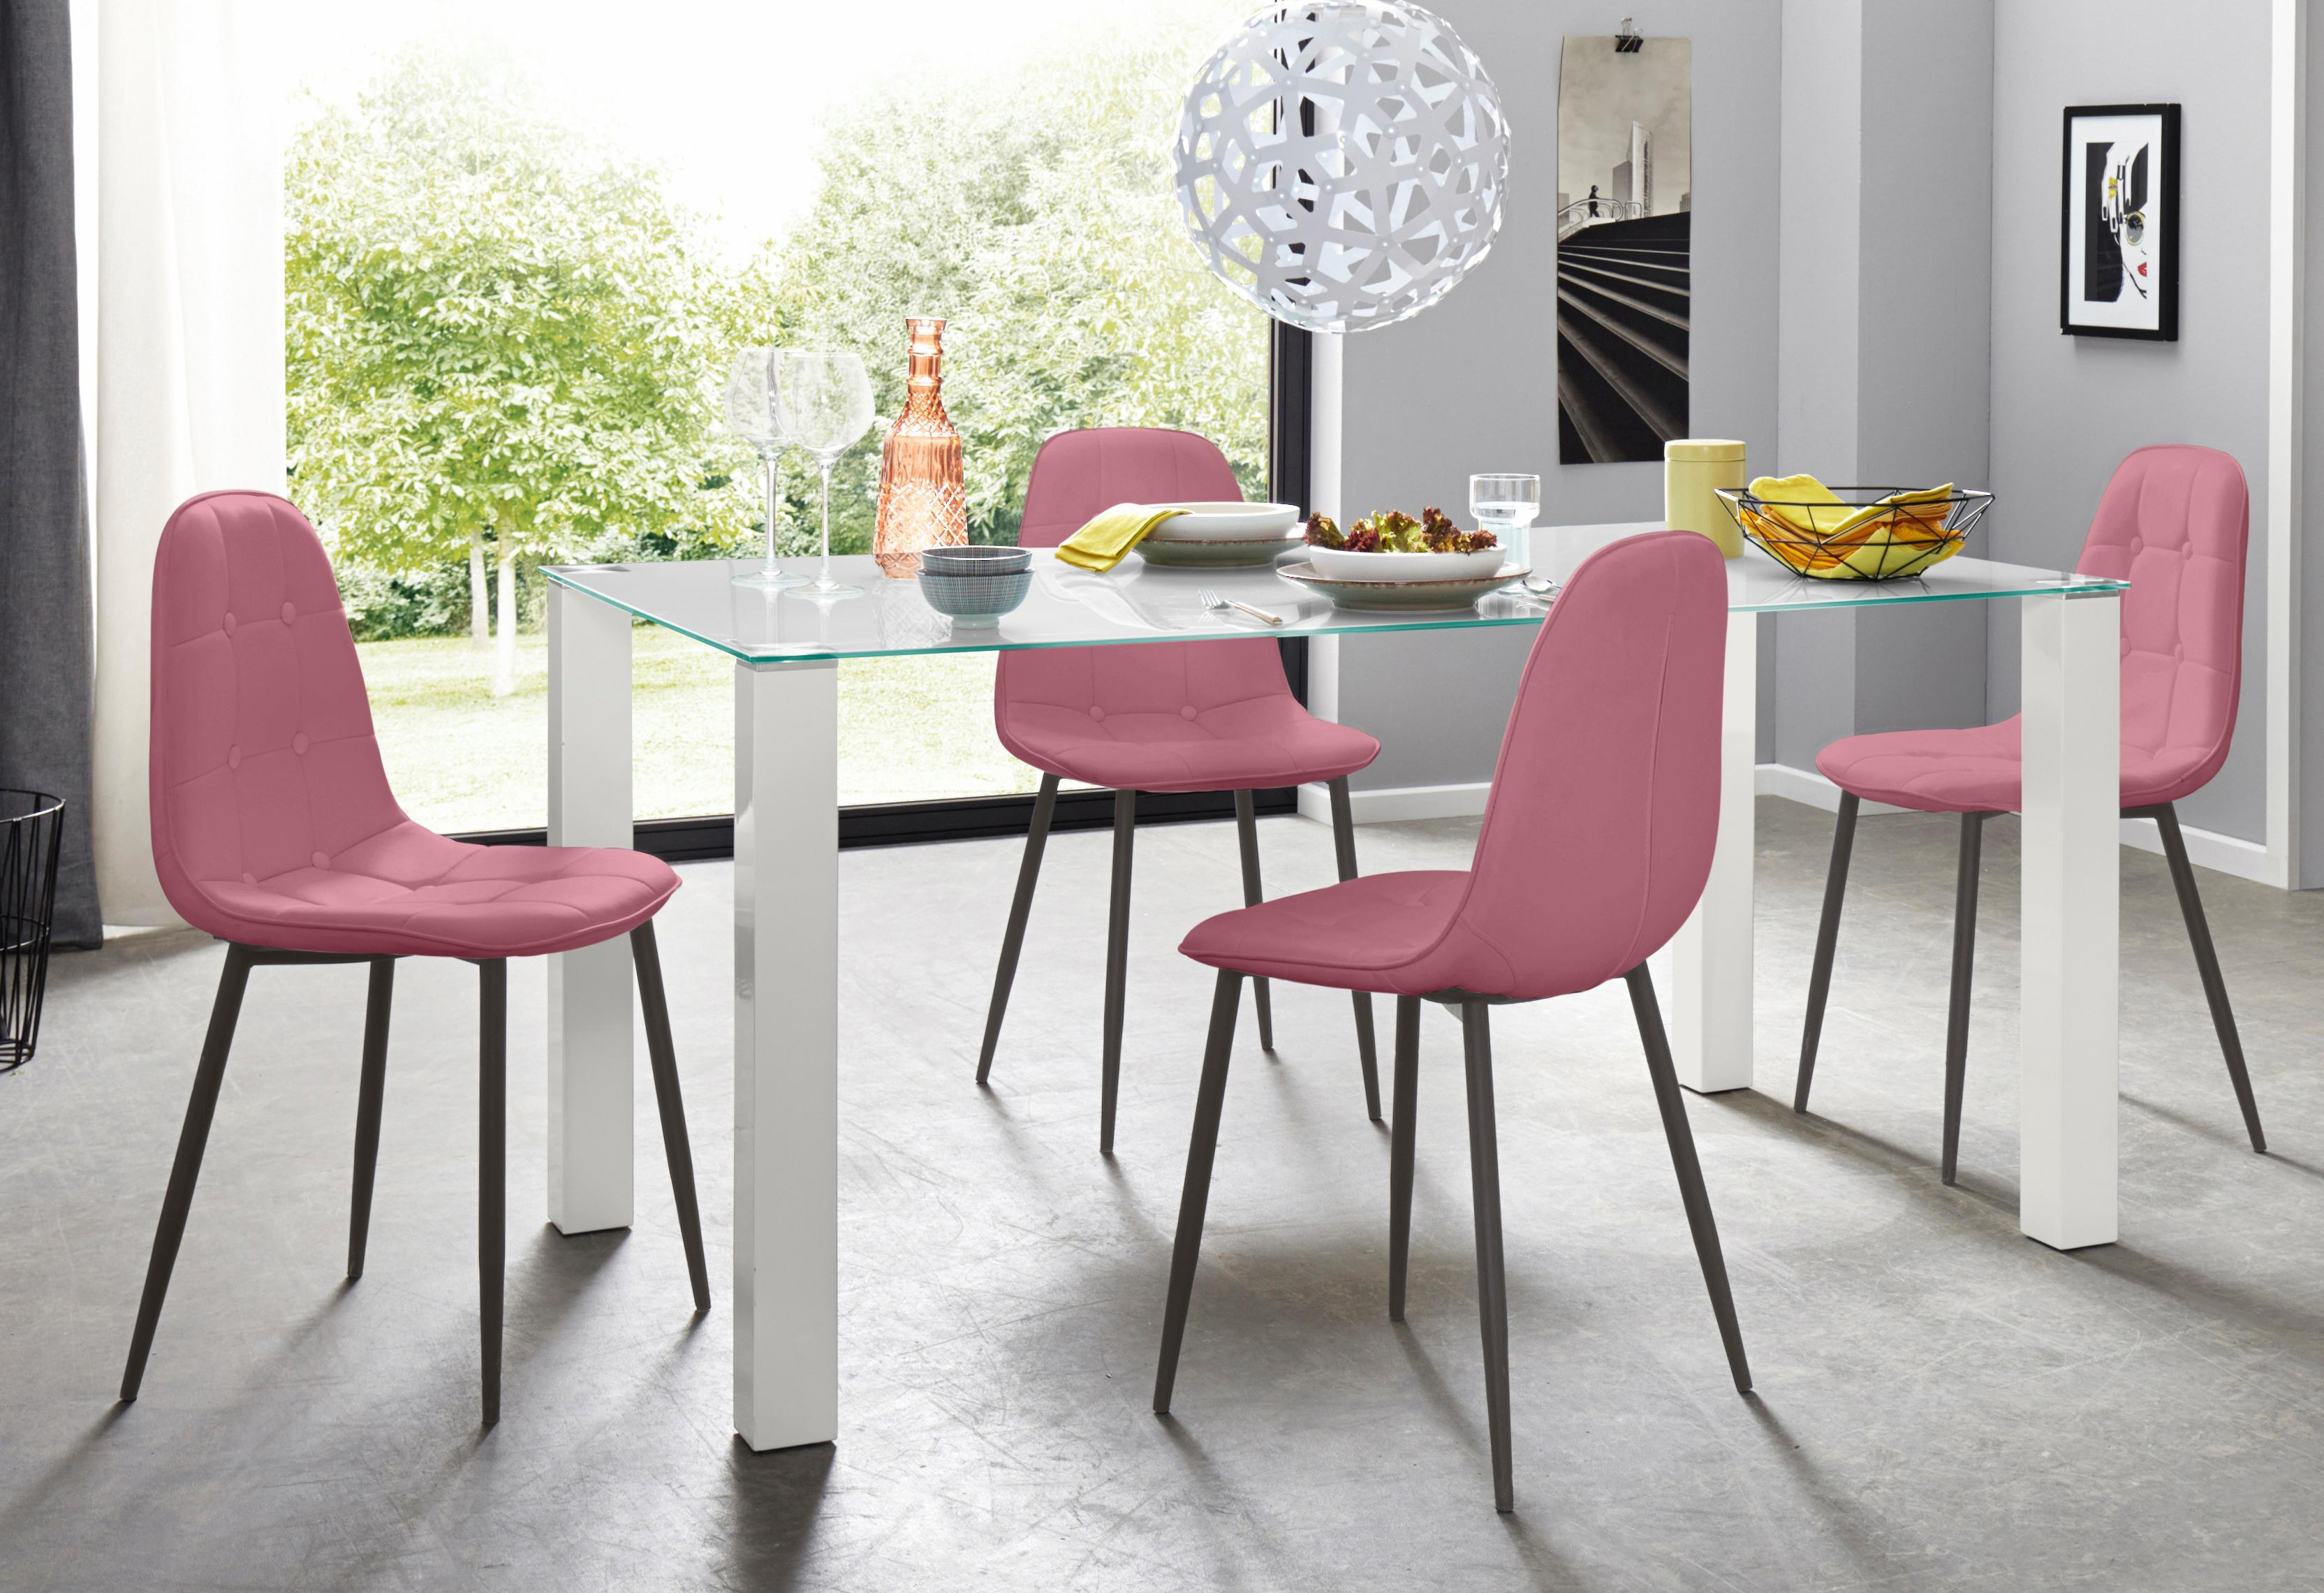 Essgruppe 5-teilig mit Glastisch 160 cm breit | Wohnzimmer > Tische > Glastische | Rosa